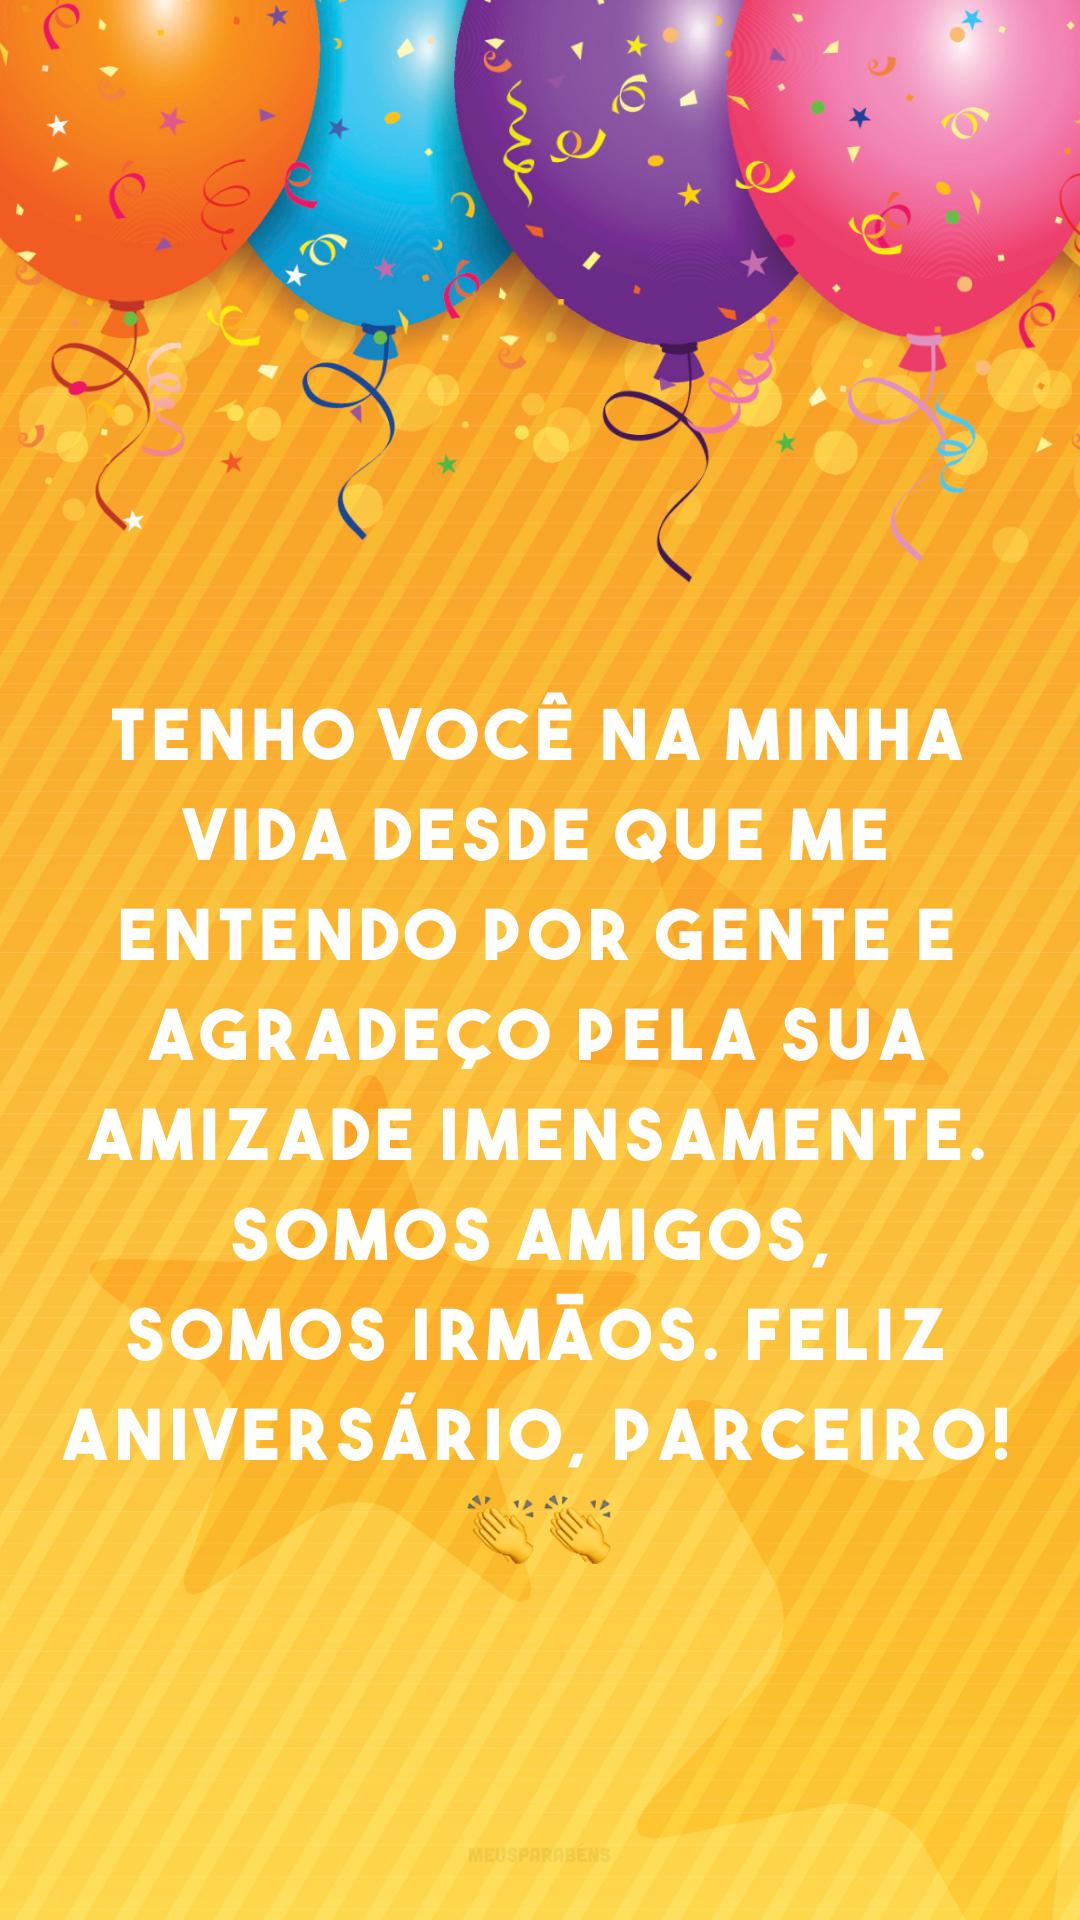 Tenho você na minha vida desde que me entendo por gente e agradeço pela sua amizade imensamente. Somos amigos, somos irmãos. Feliz aniversário, parceiro! 👏👏